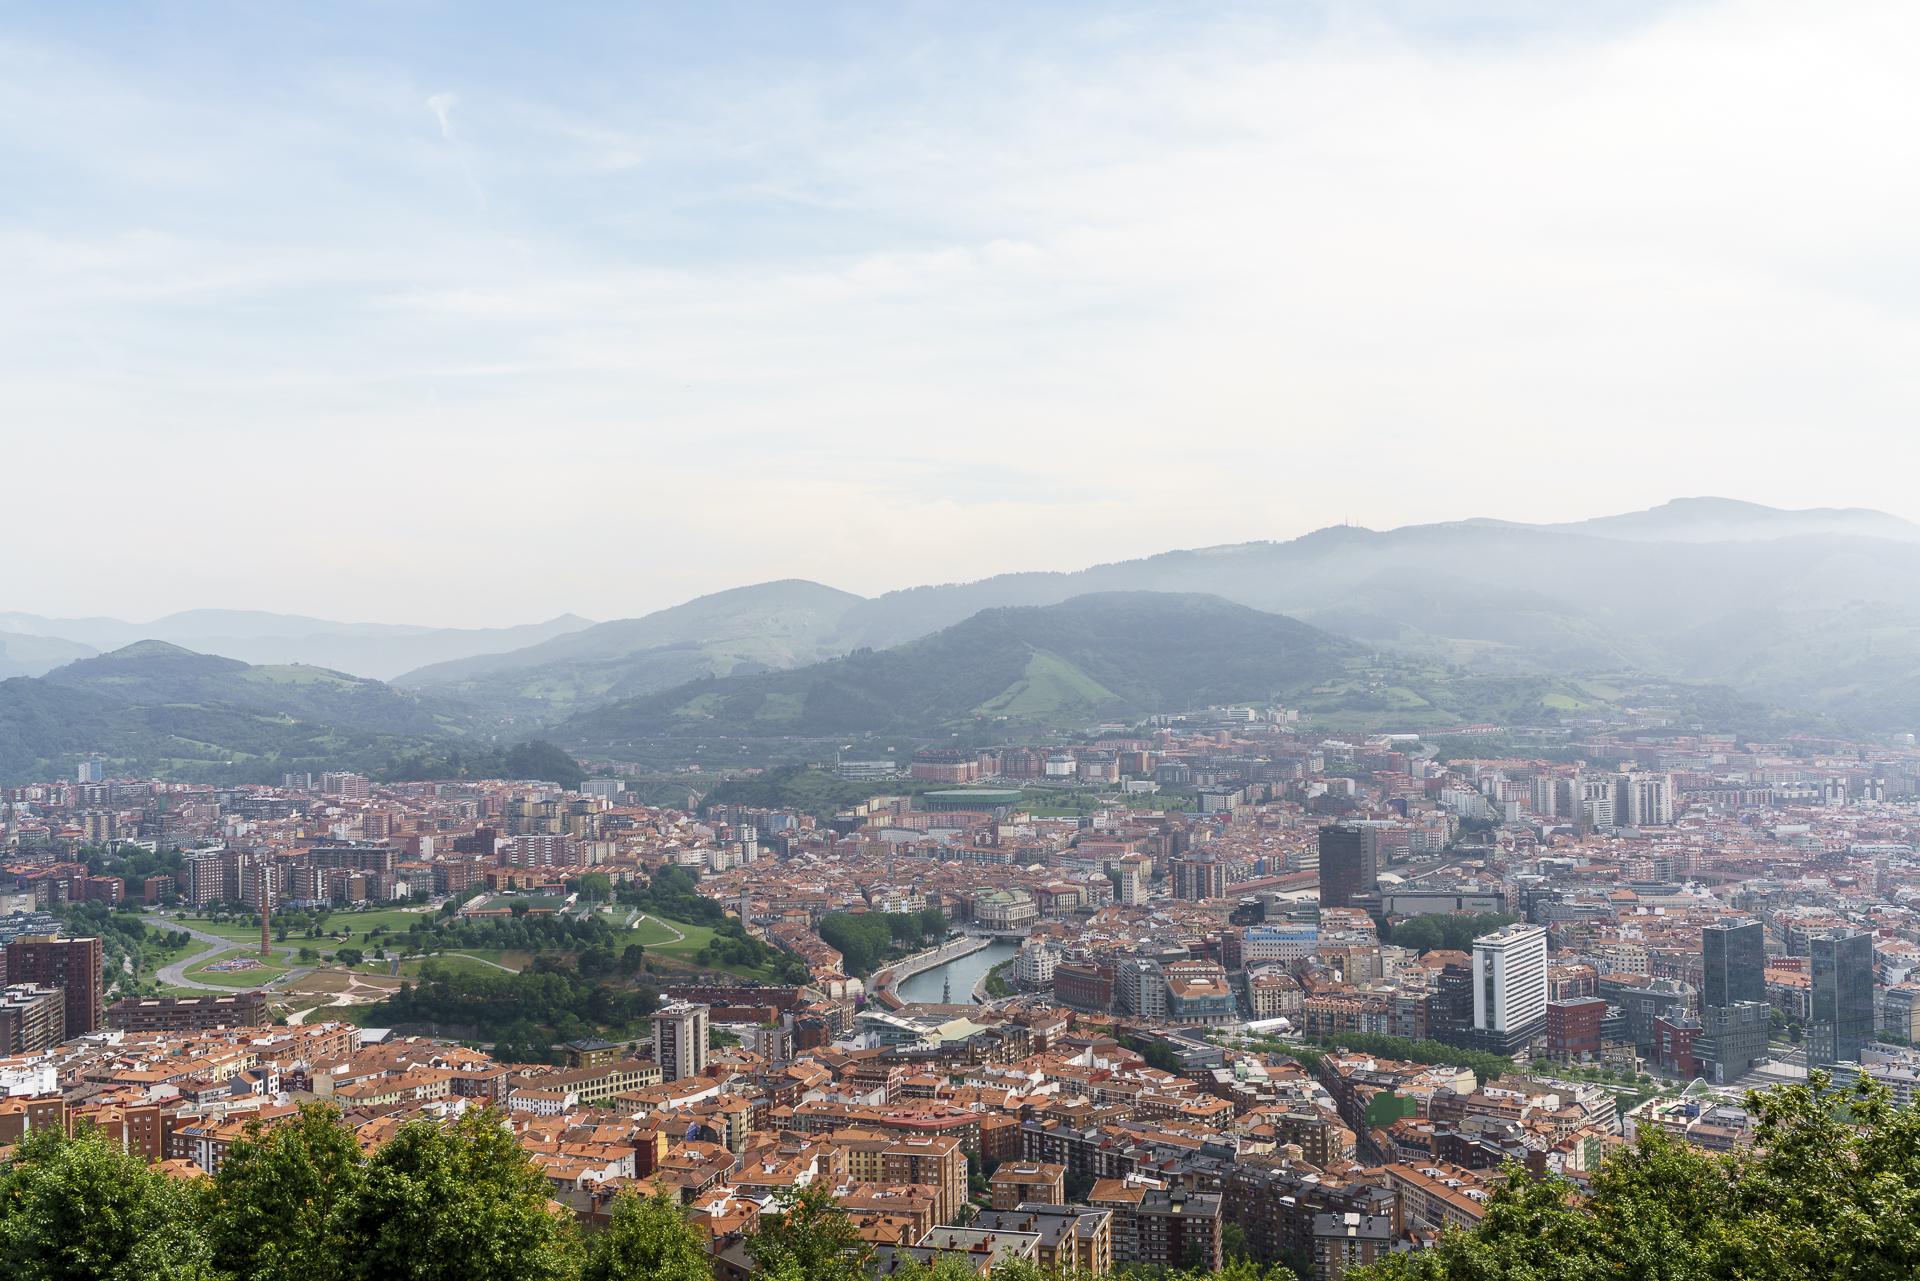 Aussichtspunkt Artxanda Bilbao